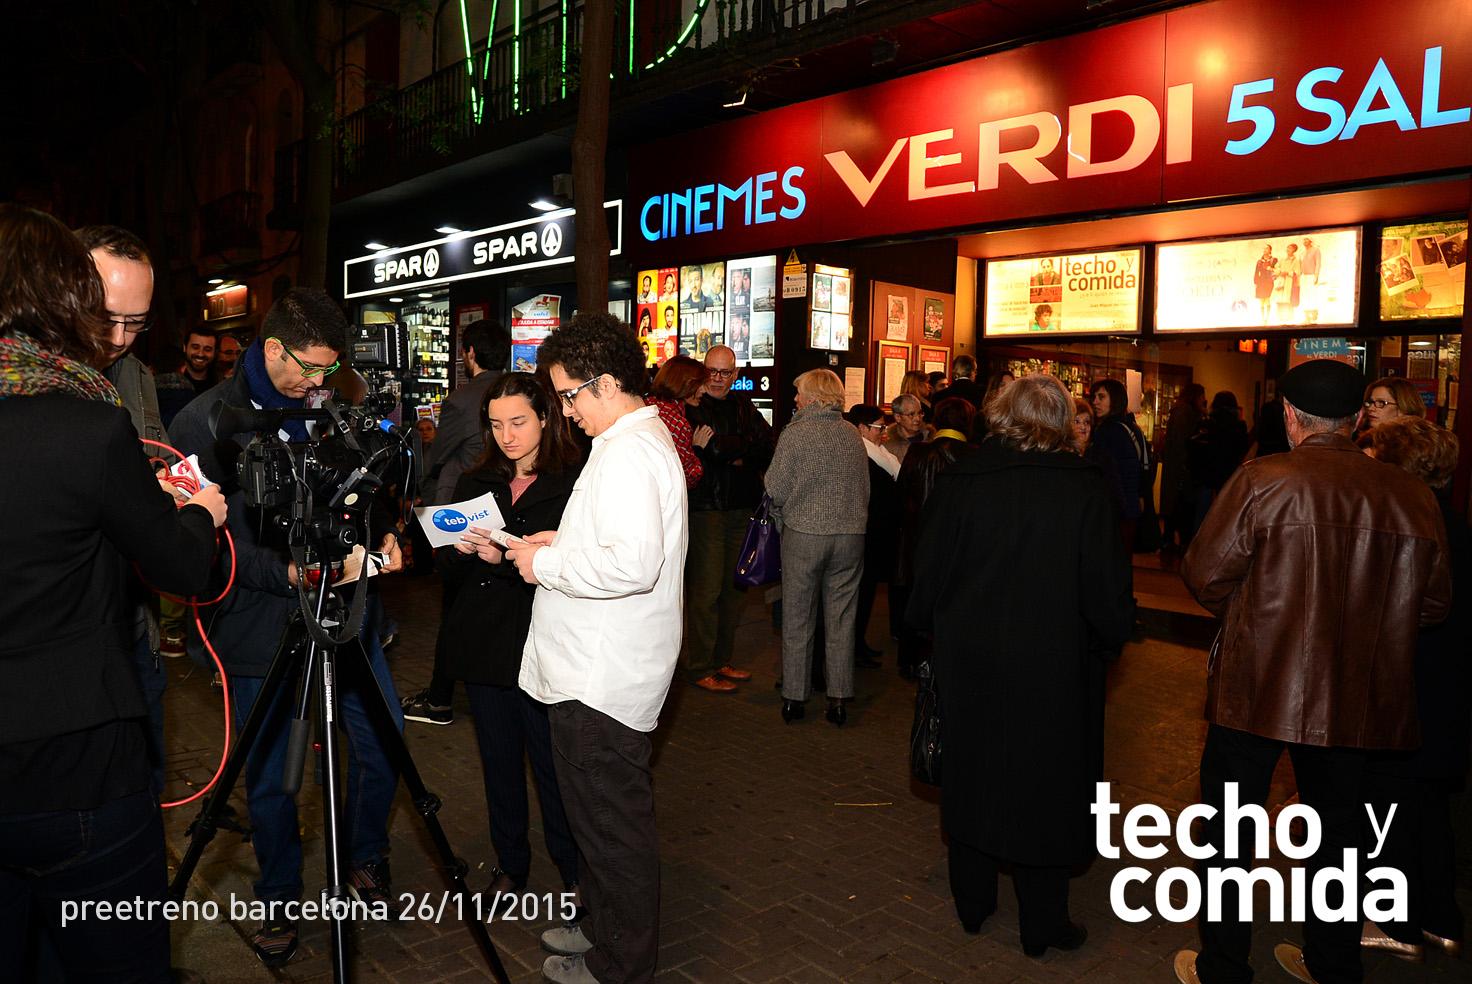 Barcelona_002_Techo y comida